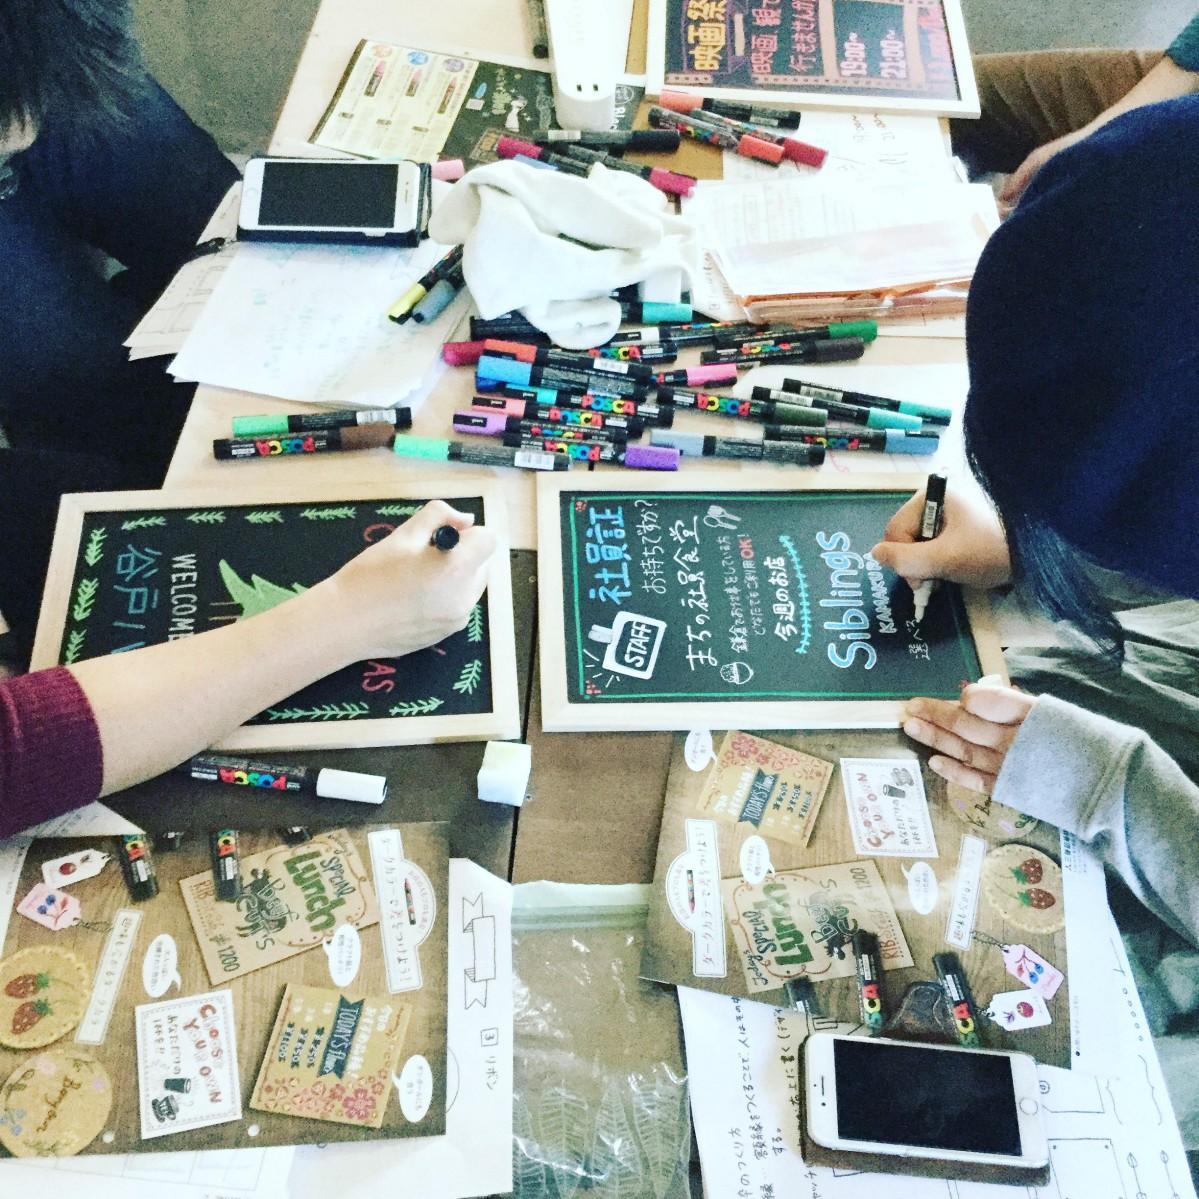 黒板マーケティング研究所の藍田留美子さんによる講座の様子